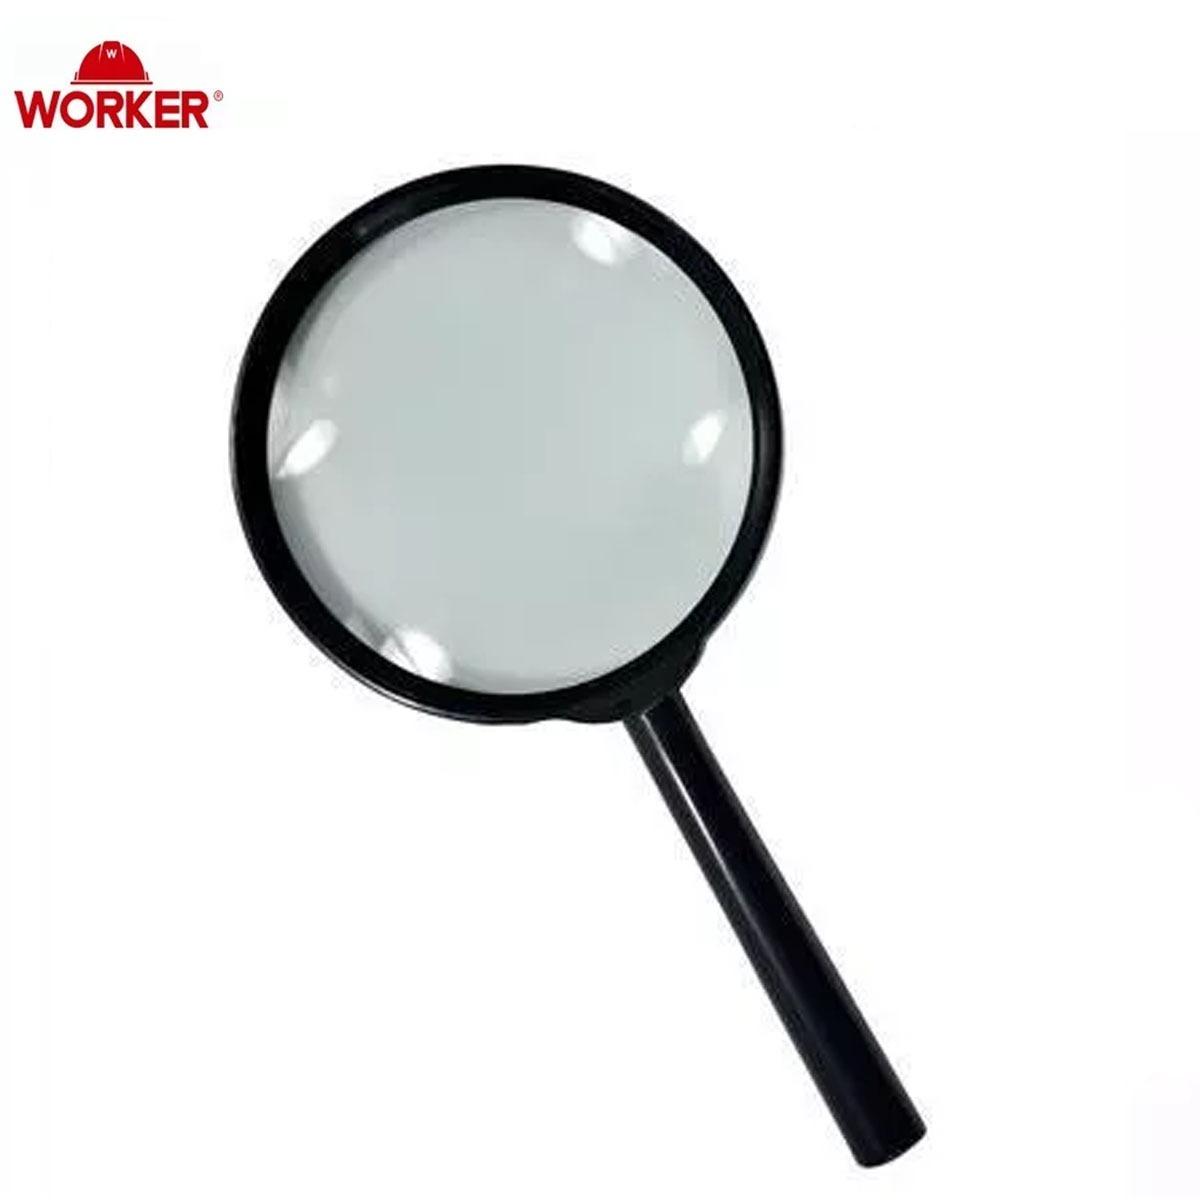 8acdb810f5 Lupa - Lente De Aumento | Worker - R$ 29,90 em Mercado Livre